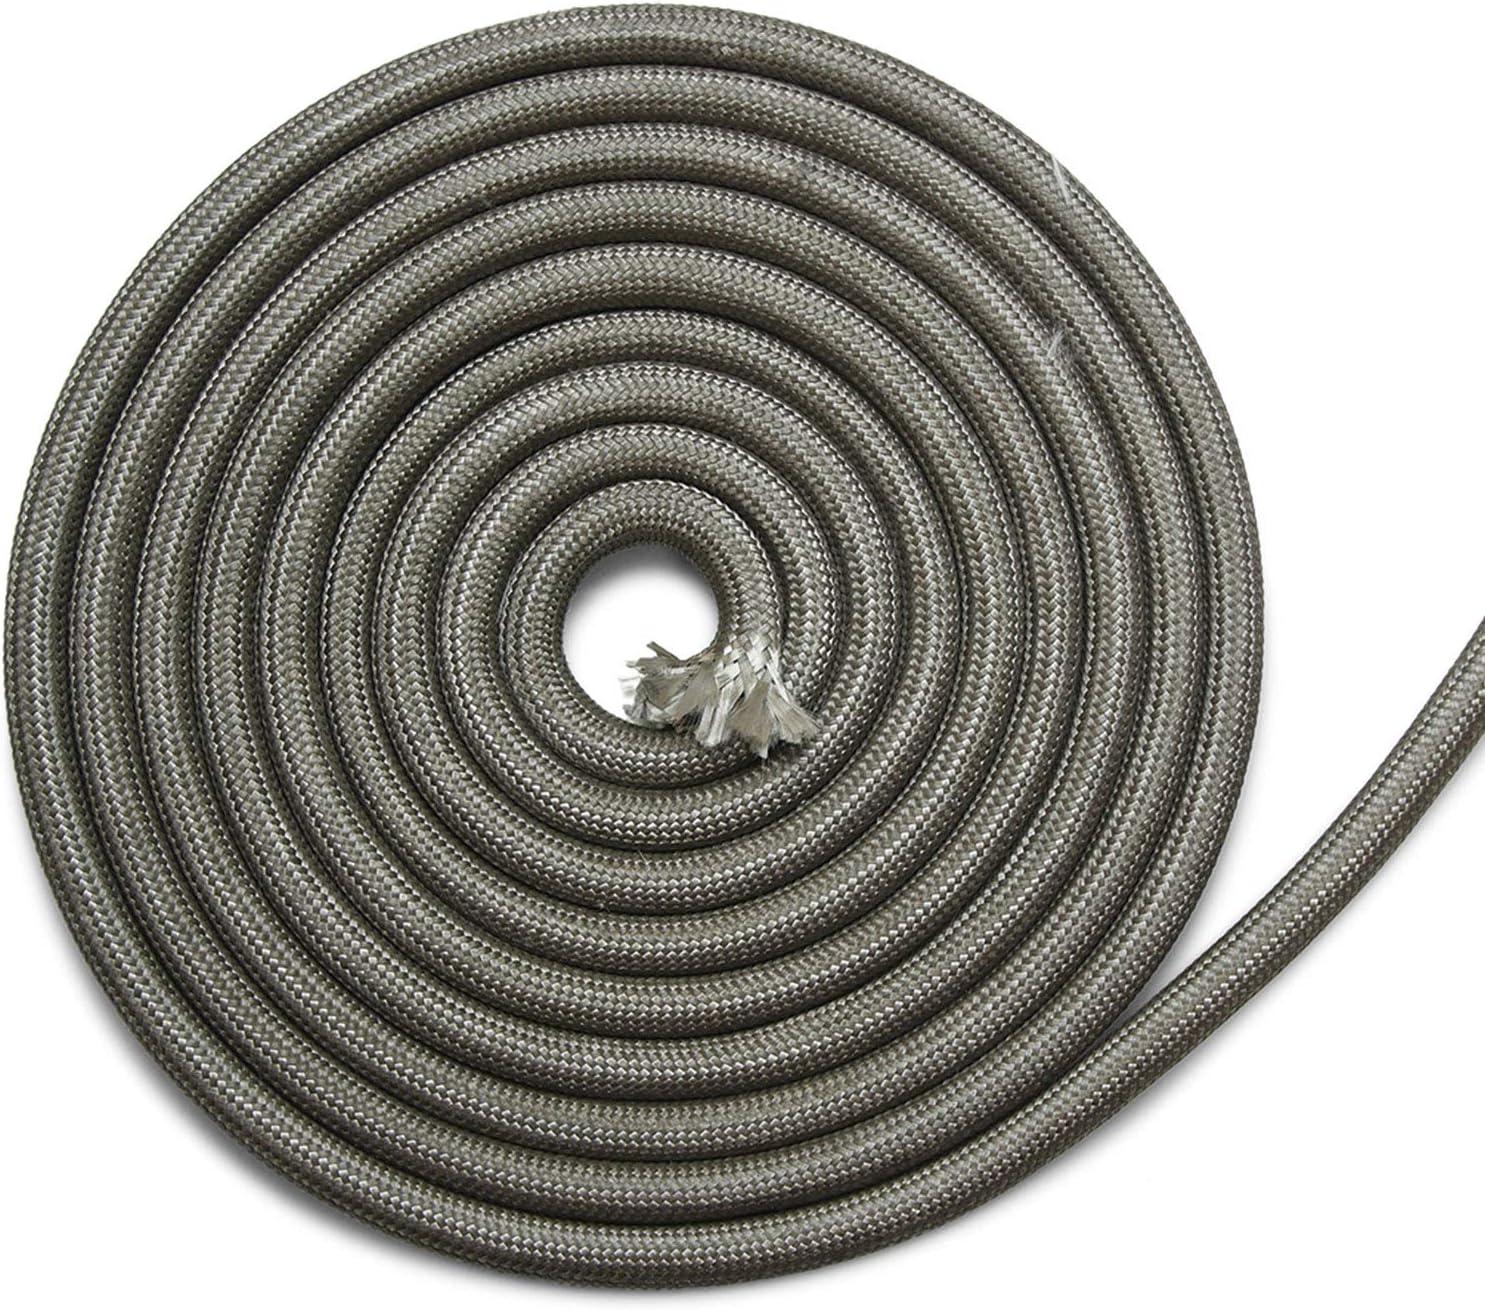 Cinta de sellado para chimenea, 3 m, diámetro de 18 x 8 mm, no autoadhesiva, apta para diferentes modelos de estufas Olsberg.